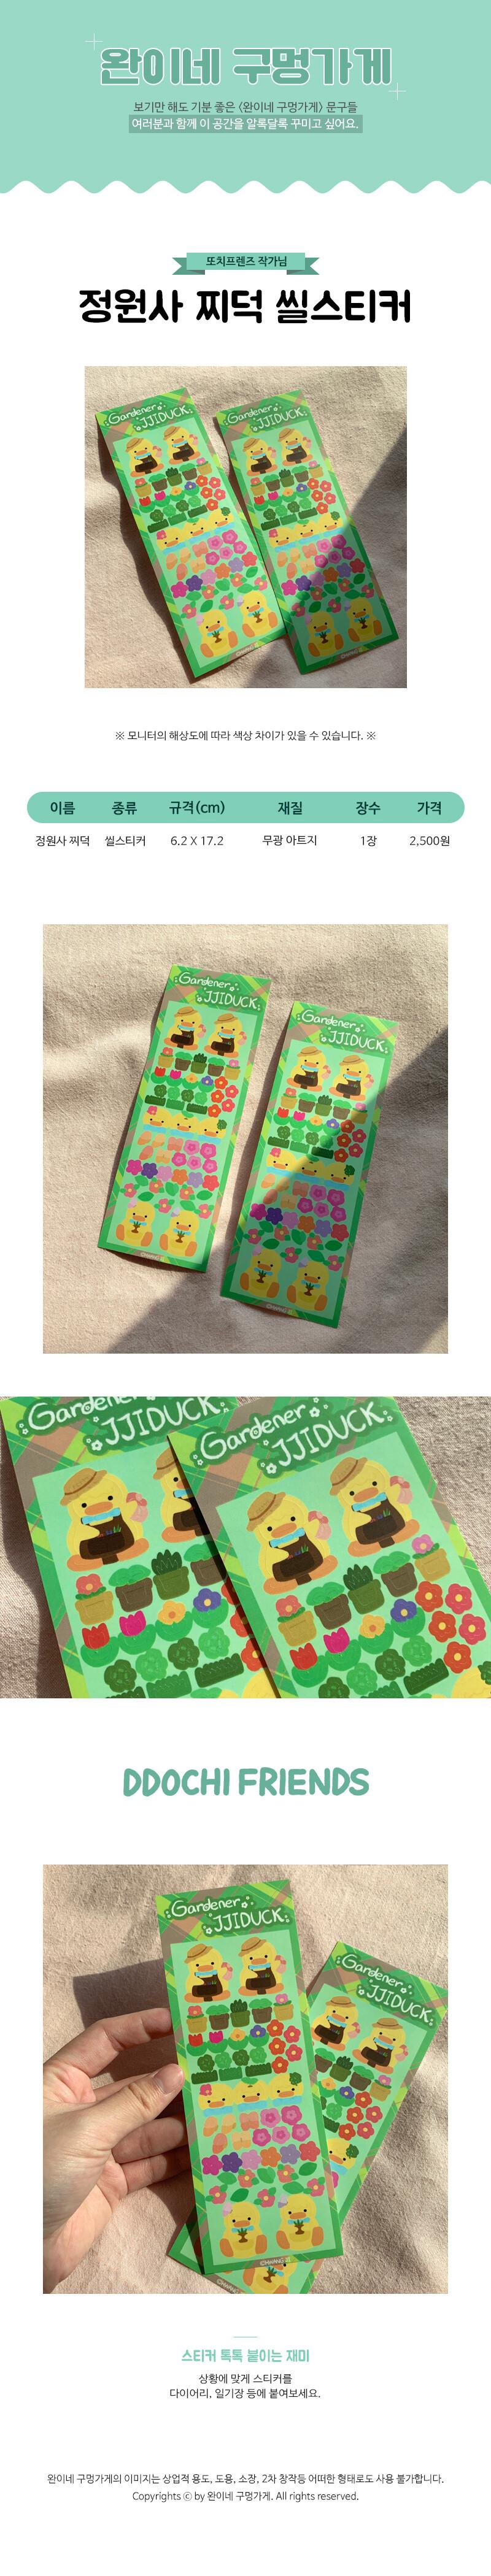 sticker987